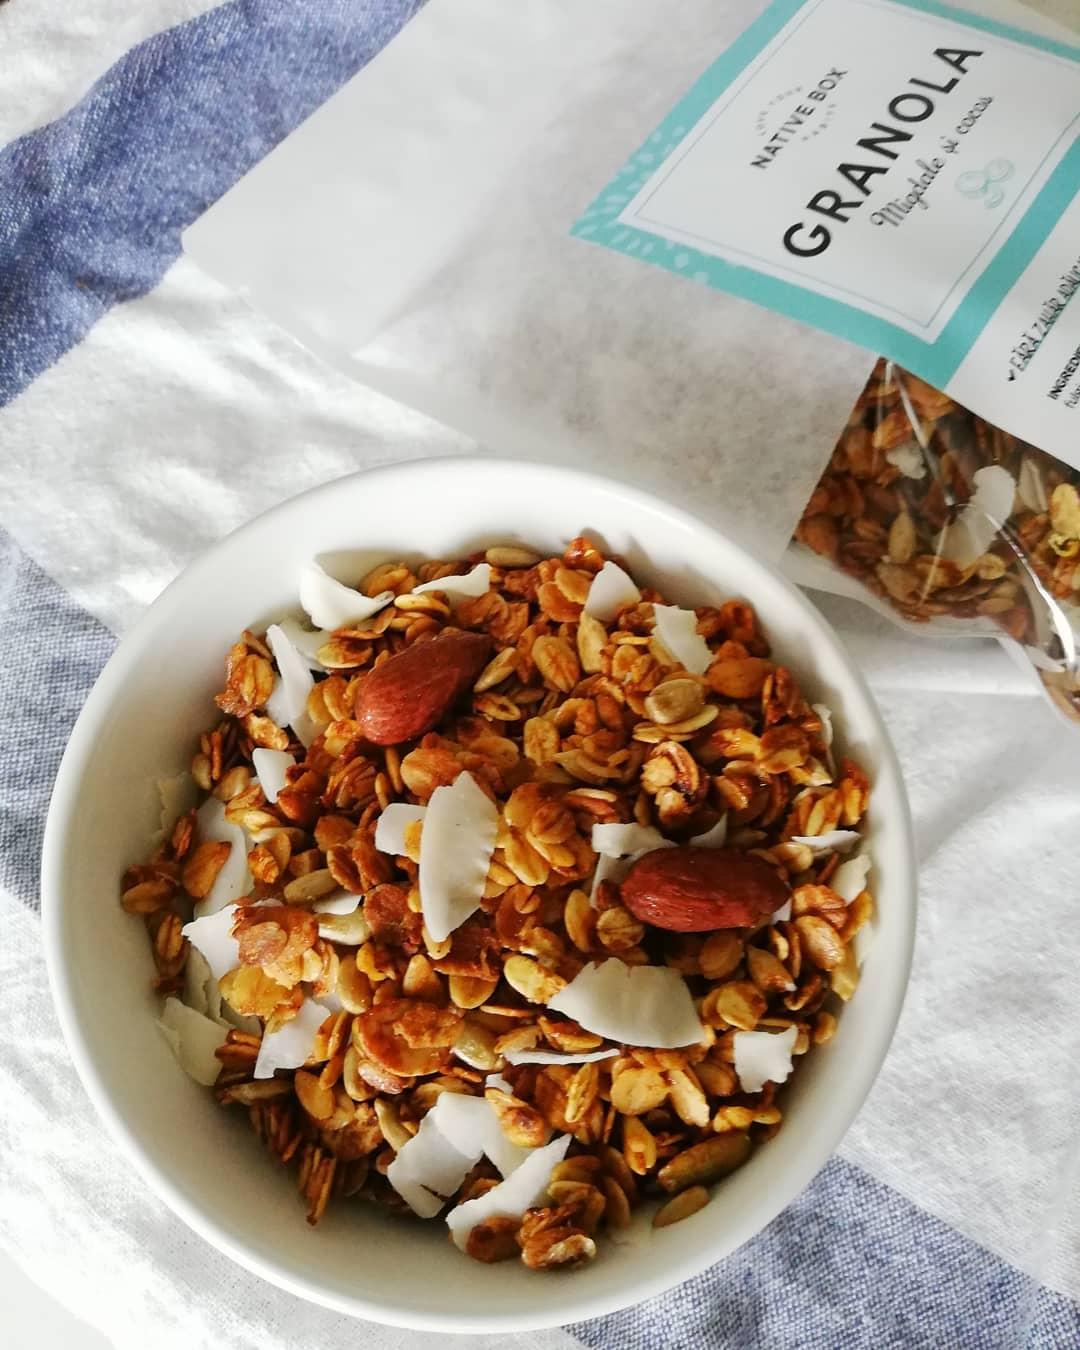 Cum se fac bare de granola pentru pierderea in greutate. Quaker ciocolată cu cuptor bara de granola